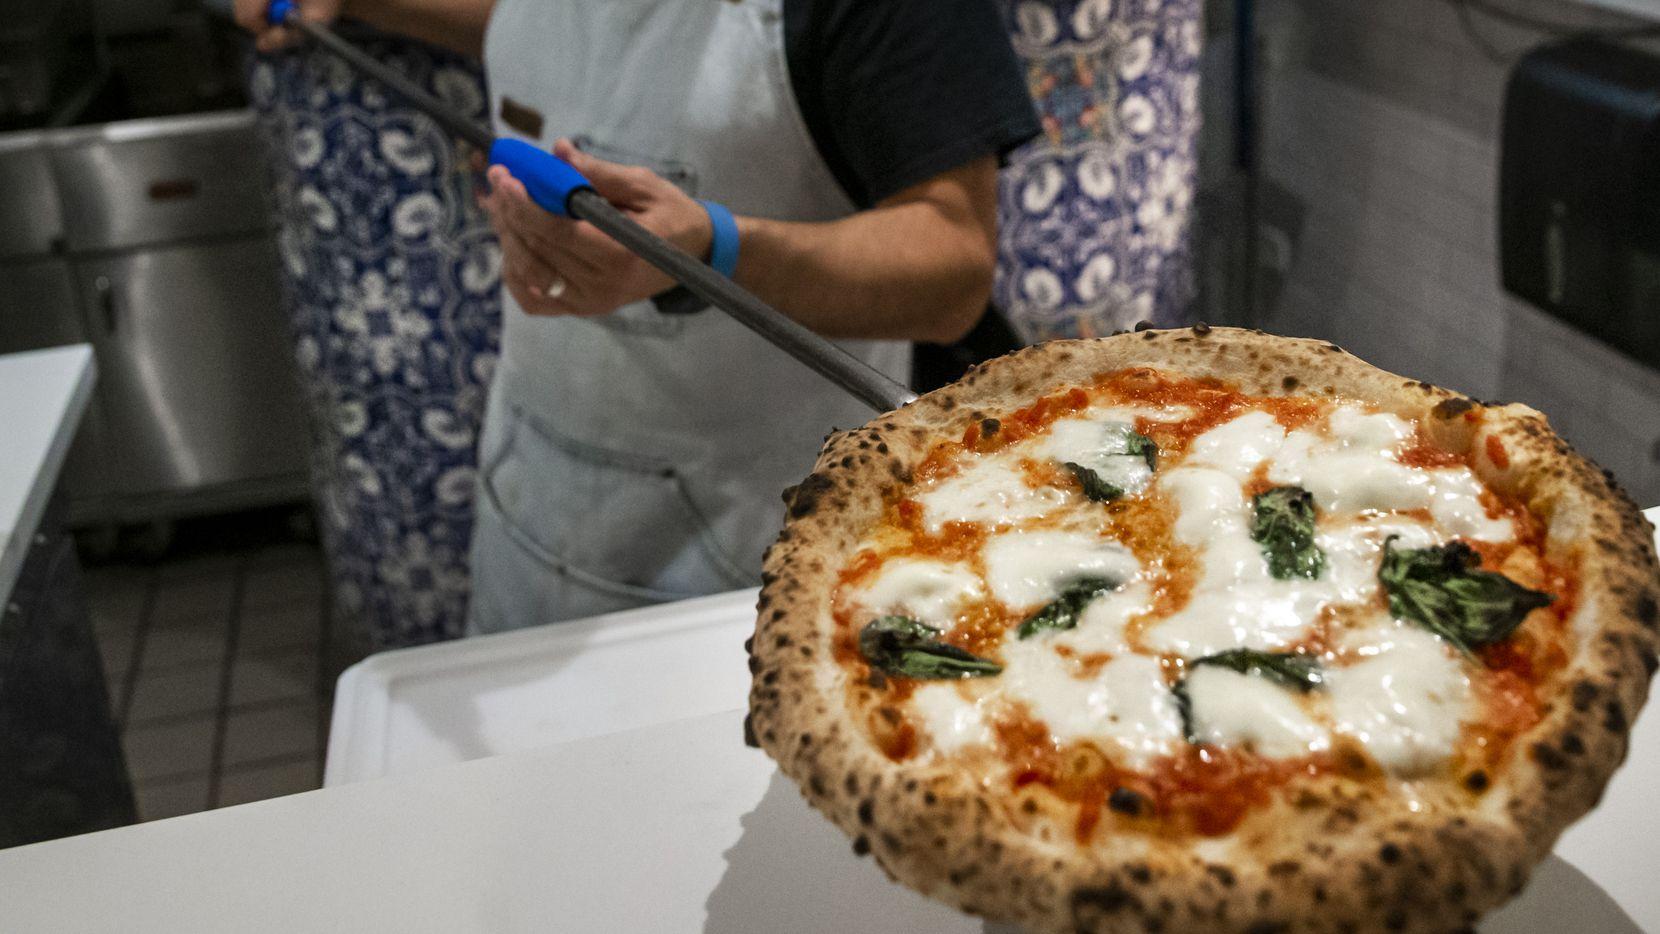 Chef Dino Santonicola prepares a margherita pizza at Partenope Ristorante in downtown Dallas.